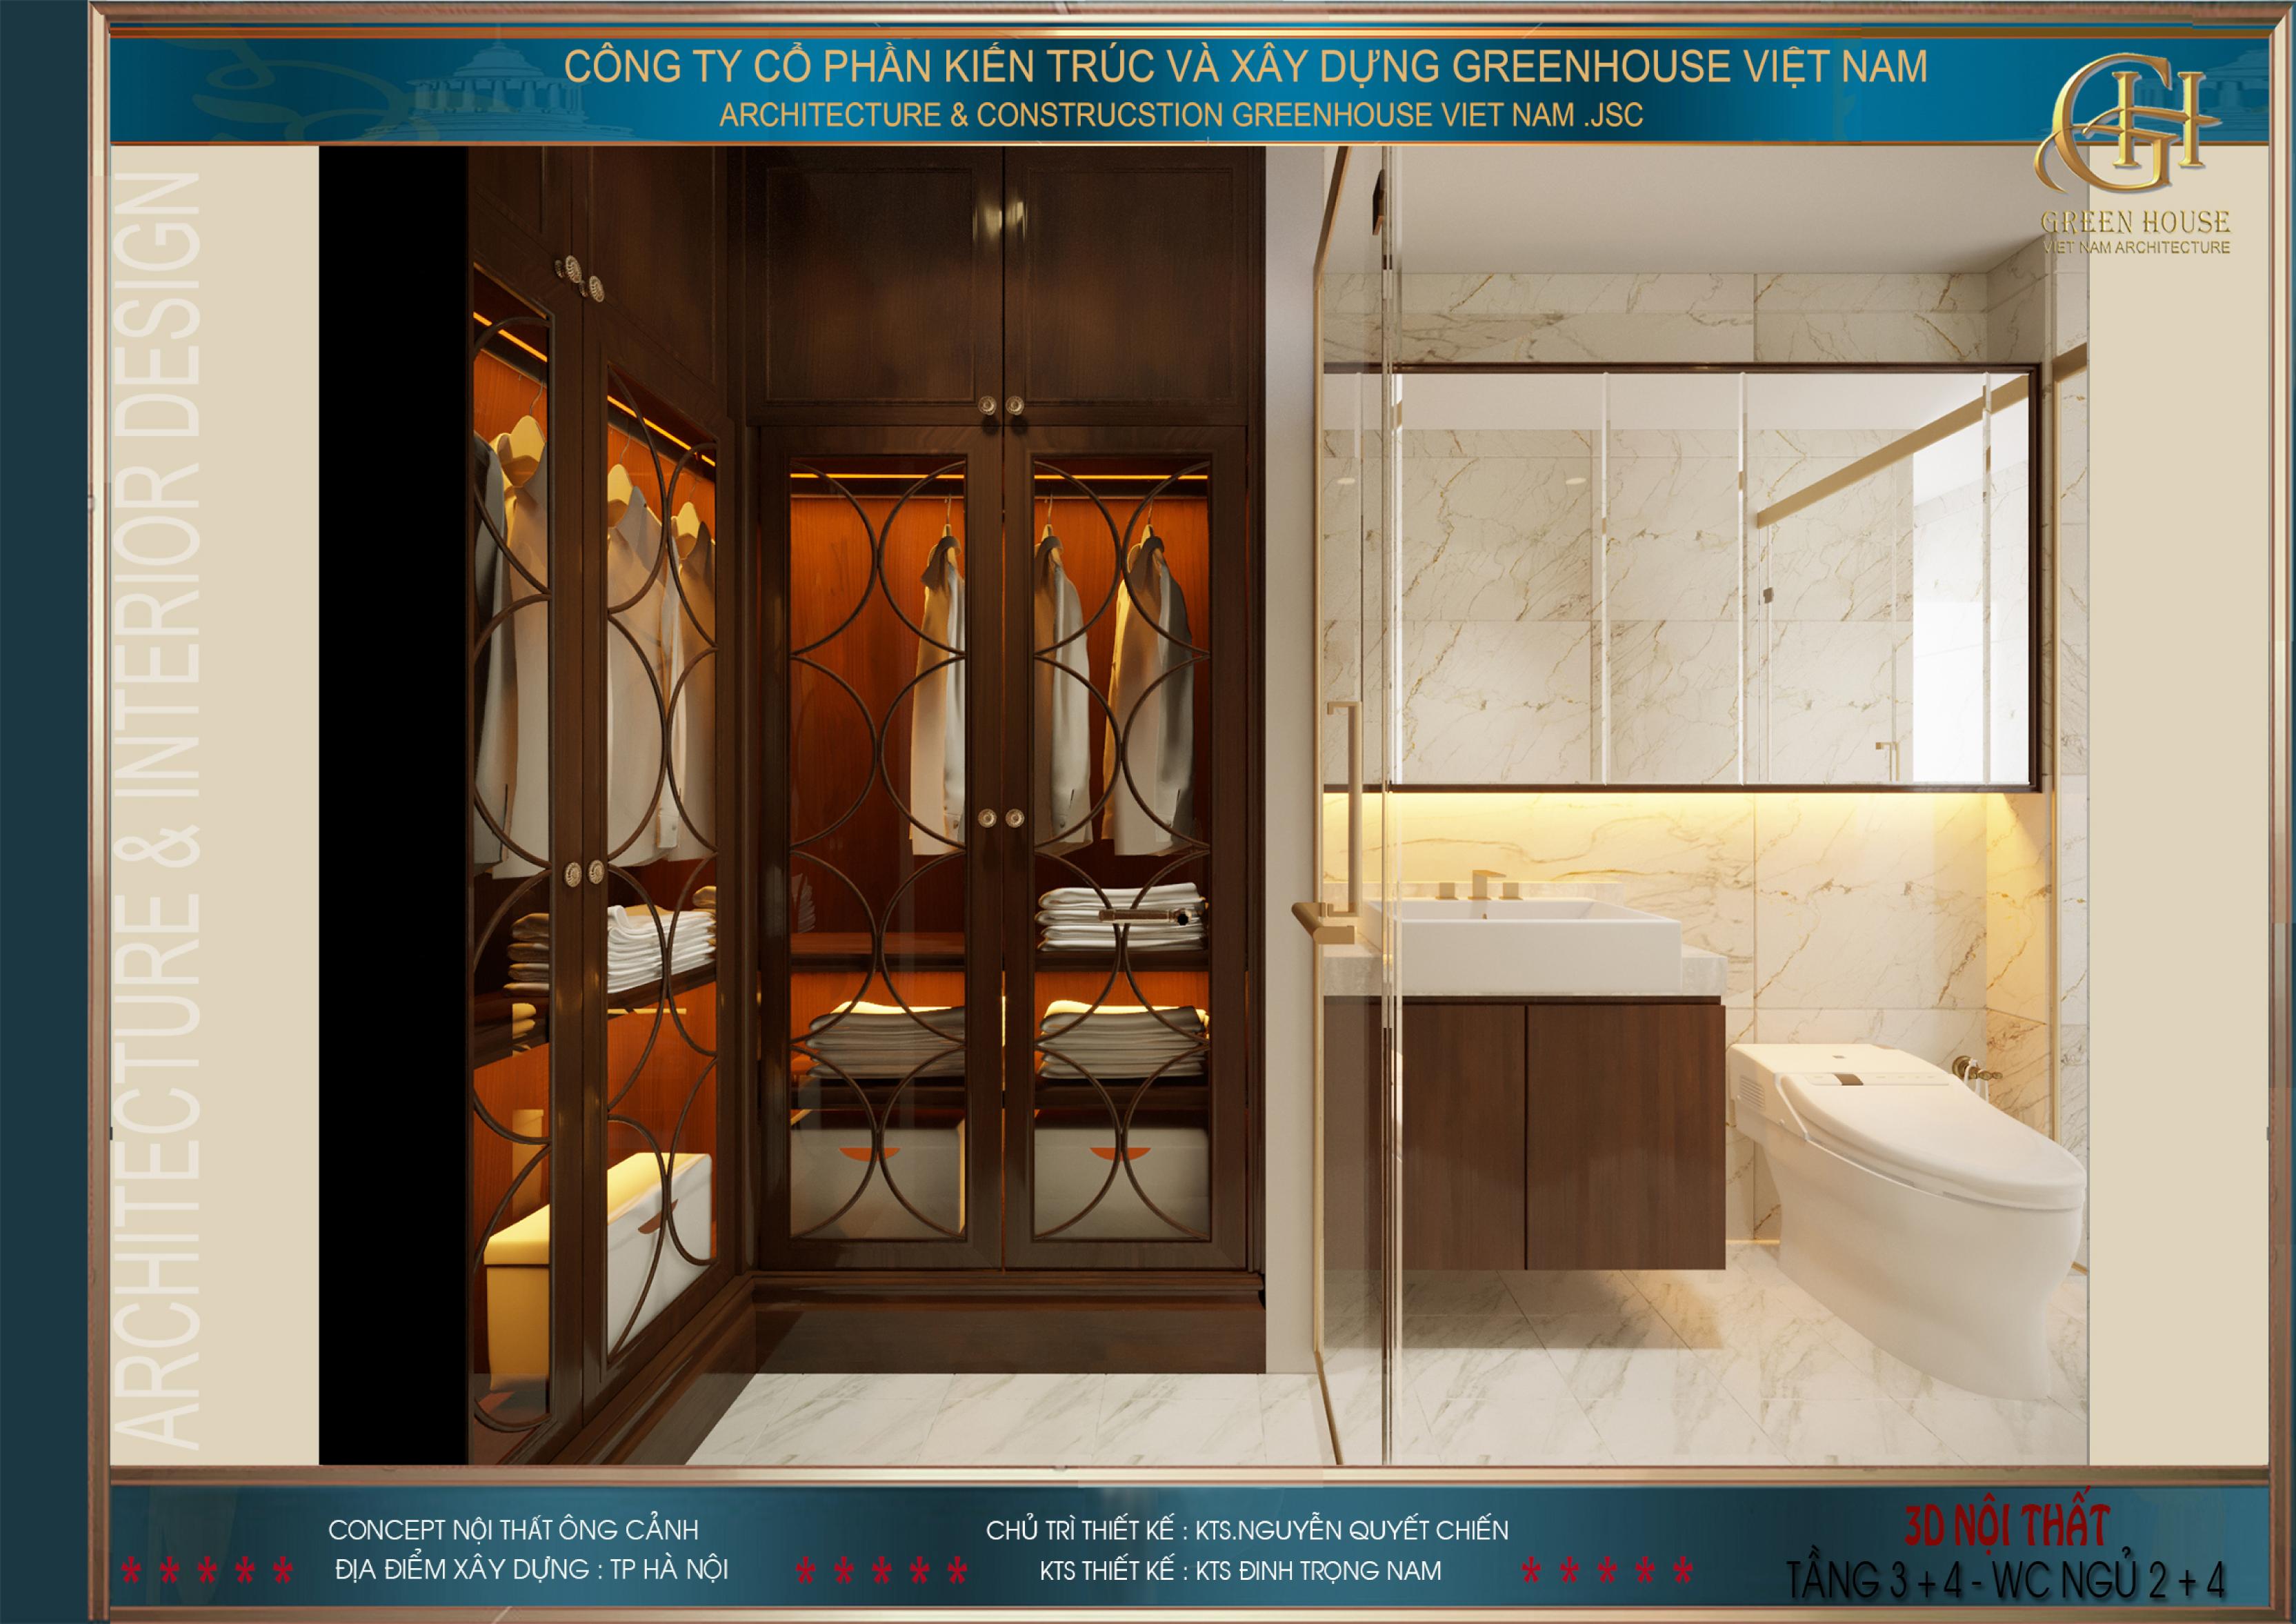 Tủ để đồ ngăn cách với phòng tắm bởi tấm kính hiện đại